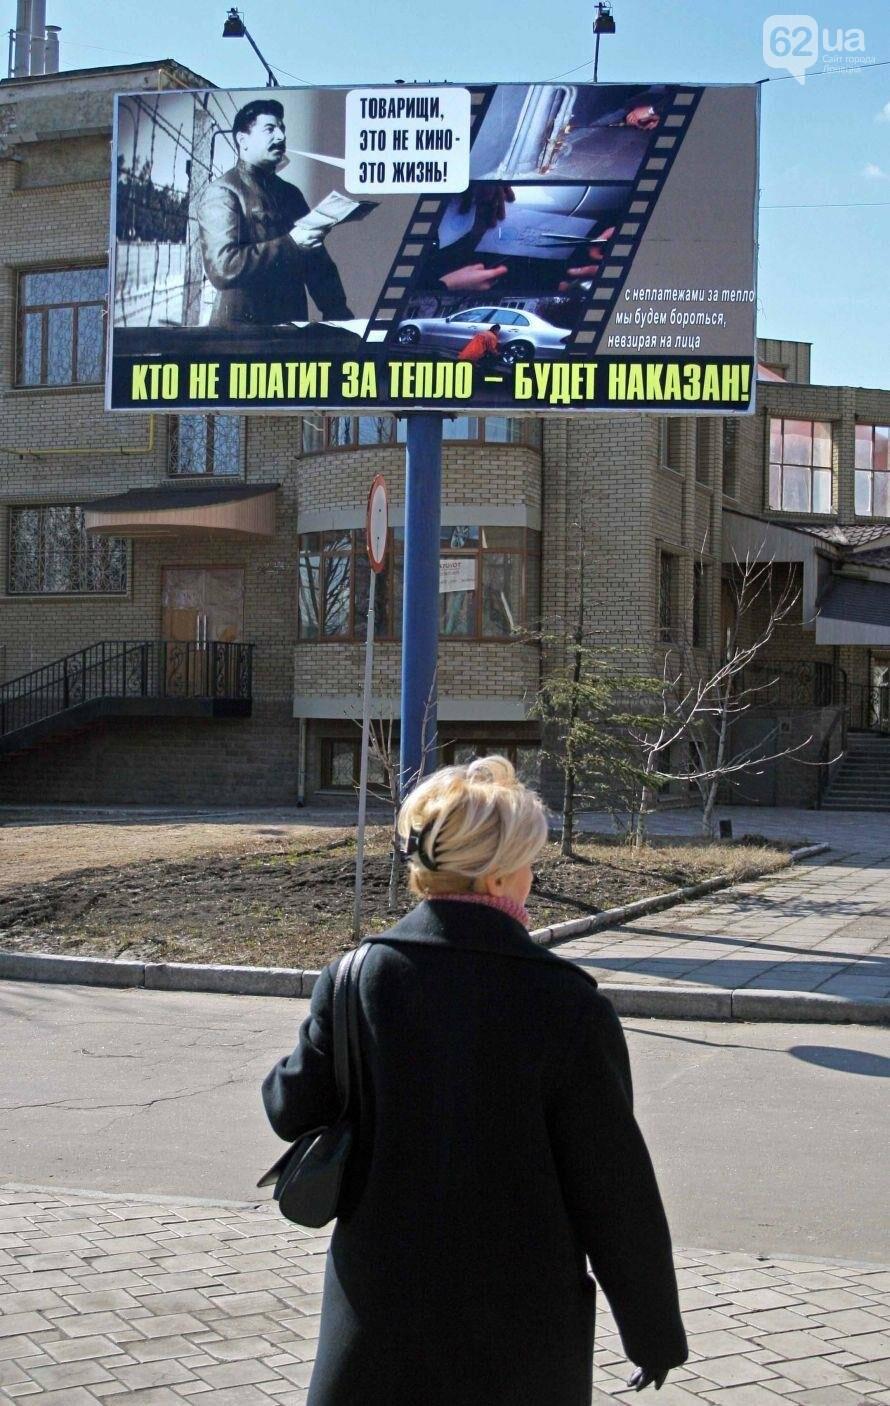 Бывший глава коммунальной службы Донецка устроил скандал на шоу Вересня (ВИДЕО, ОБНОВЛЕНО), фото-1